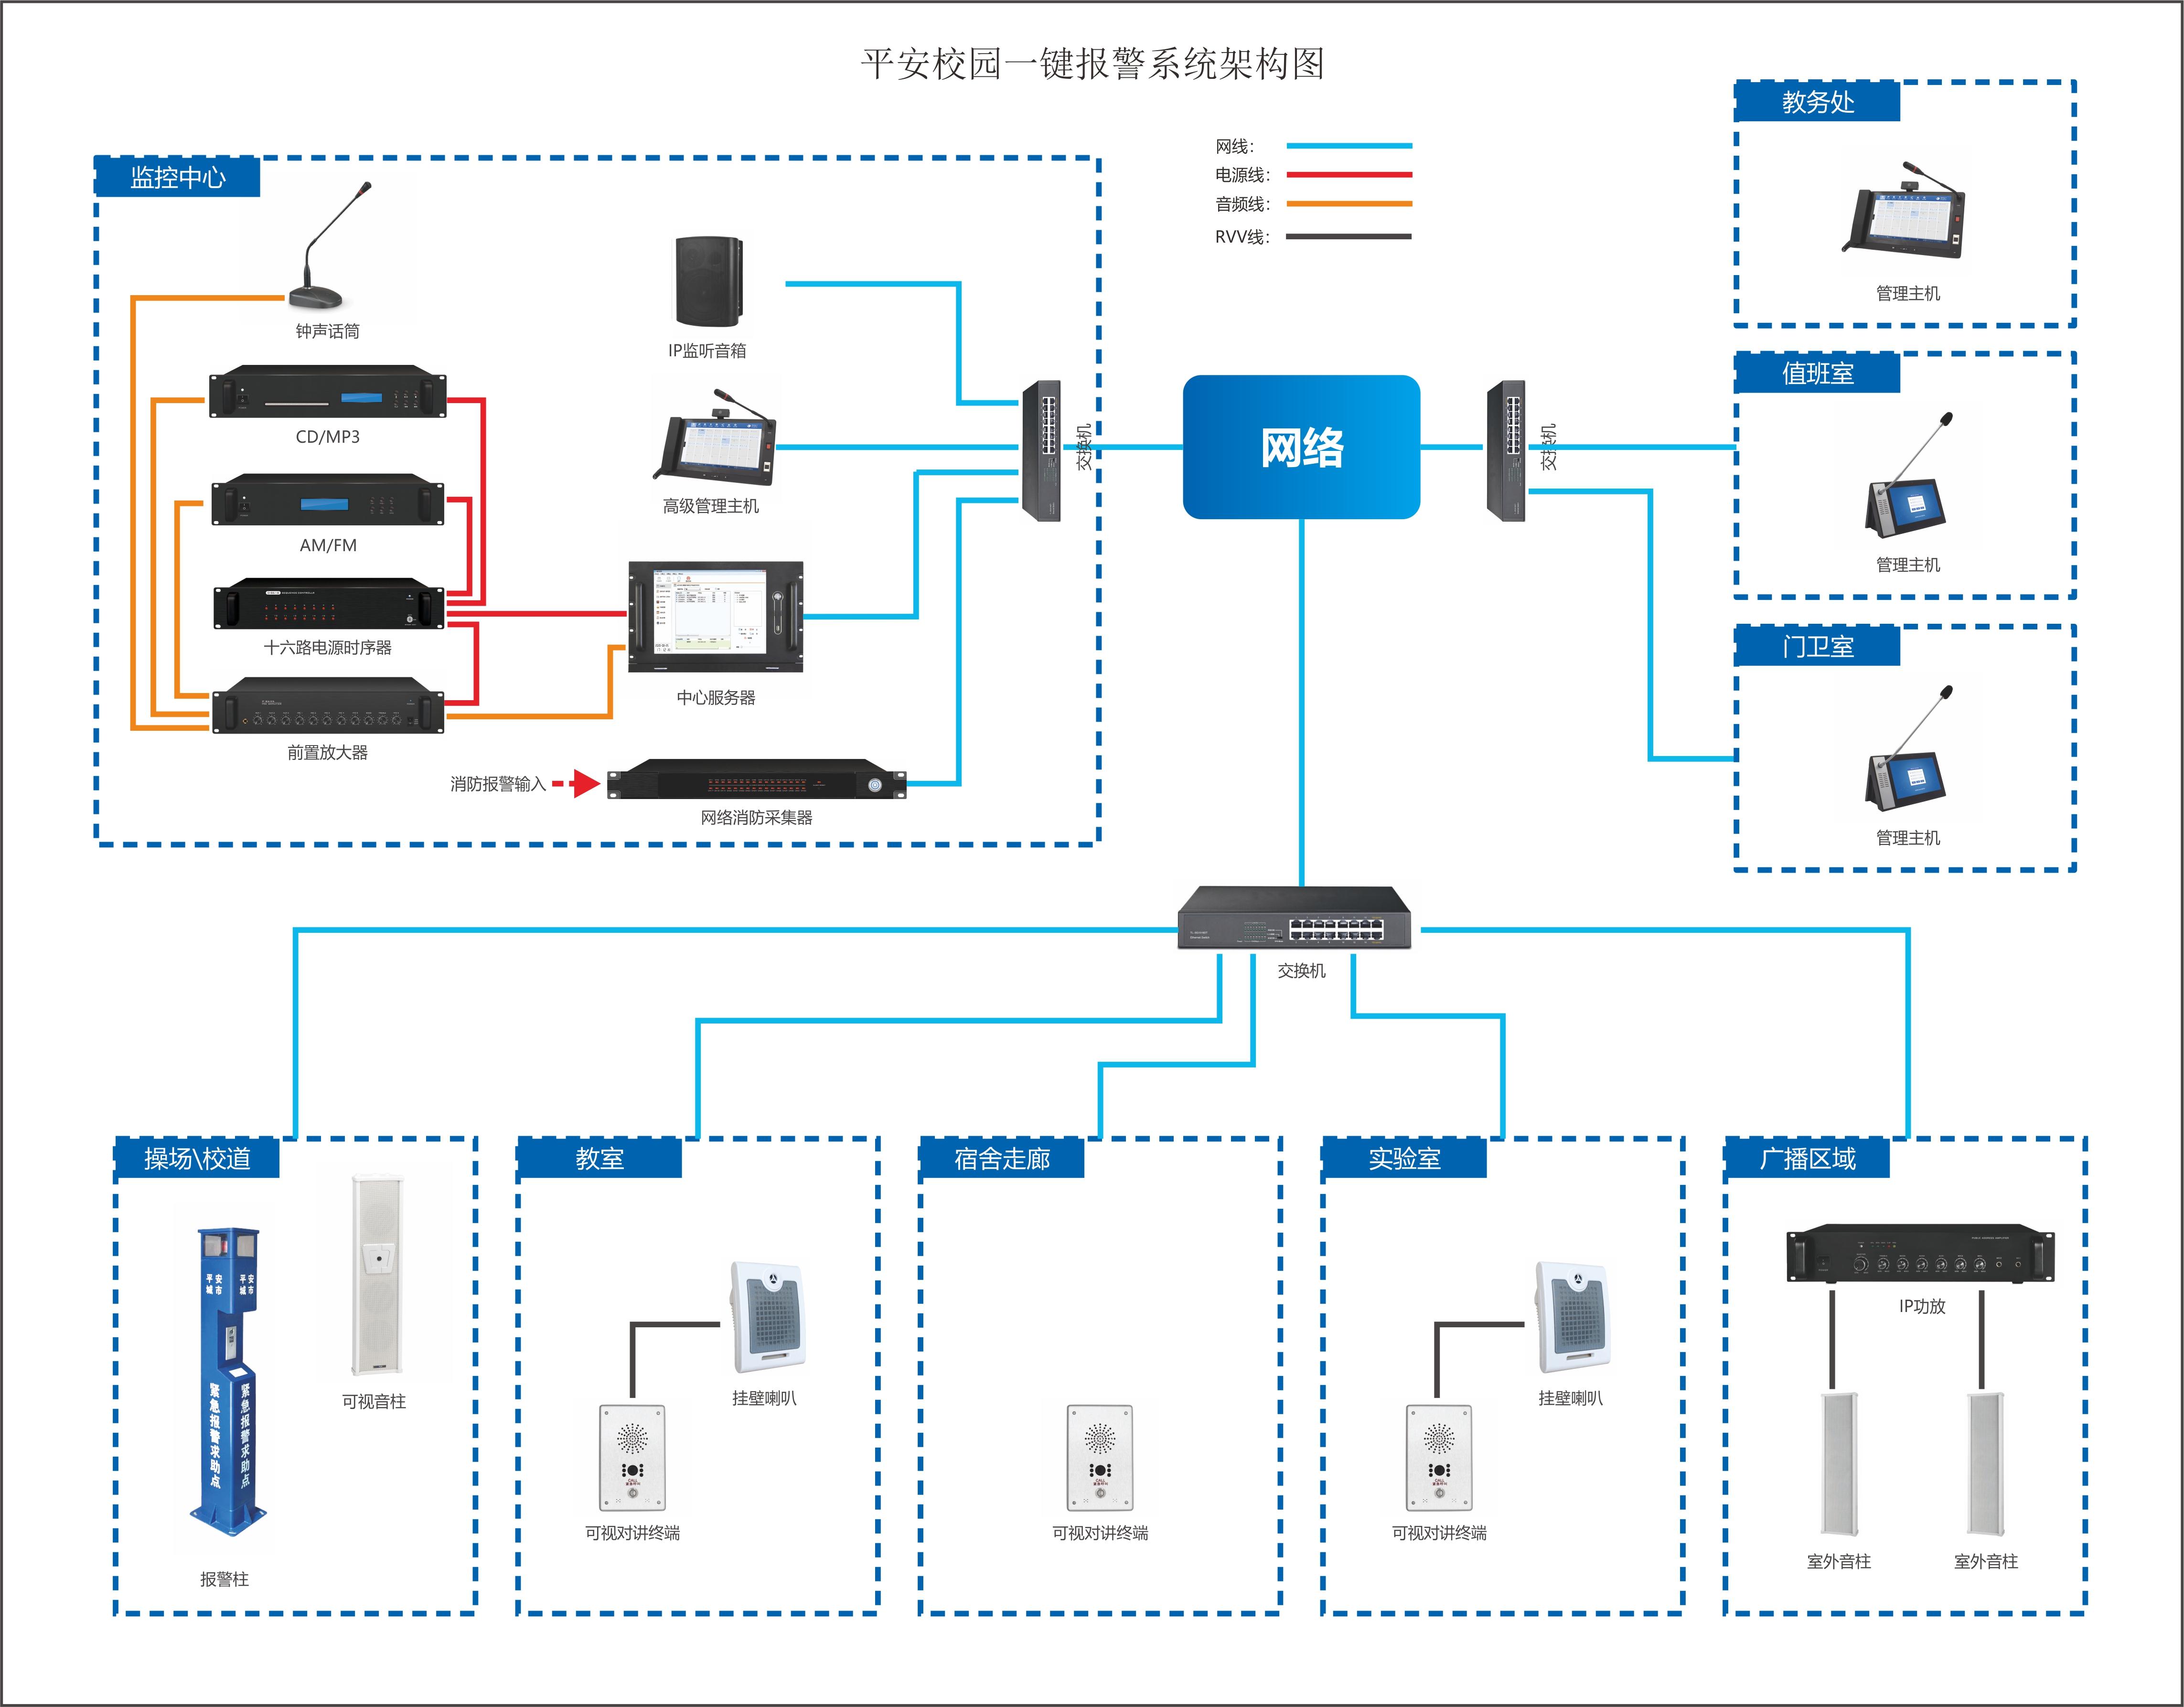 平安校园一键报警系统架构图.jpg